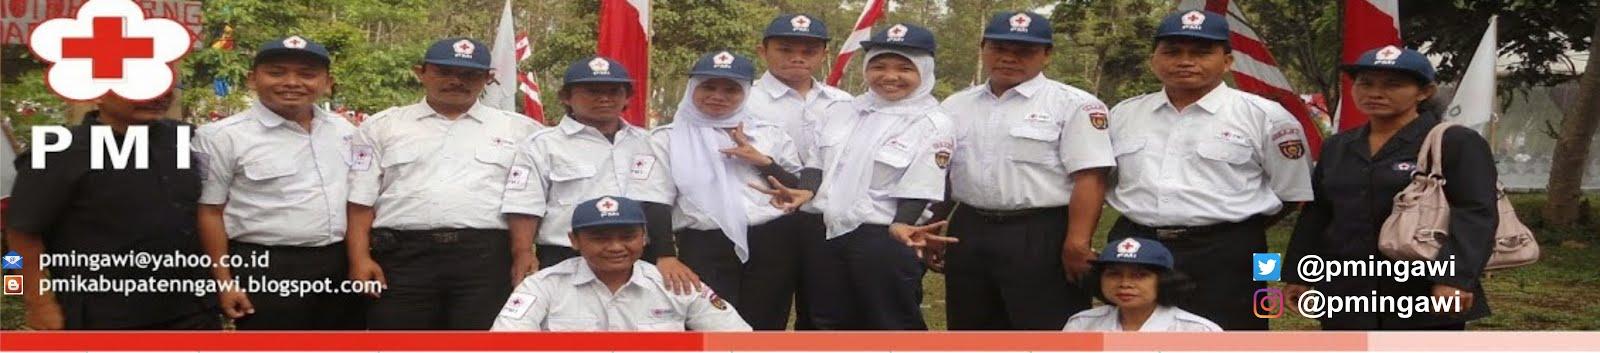 PMI  Kabupaten Ngawi